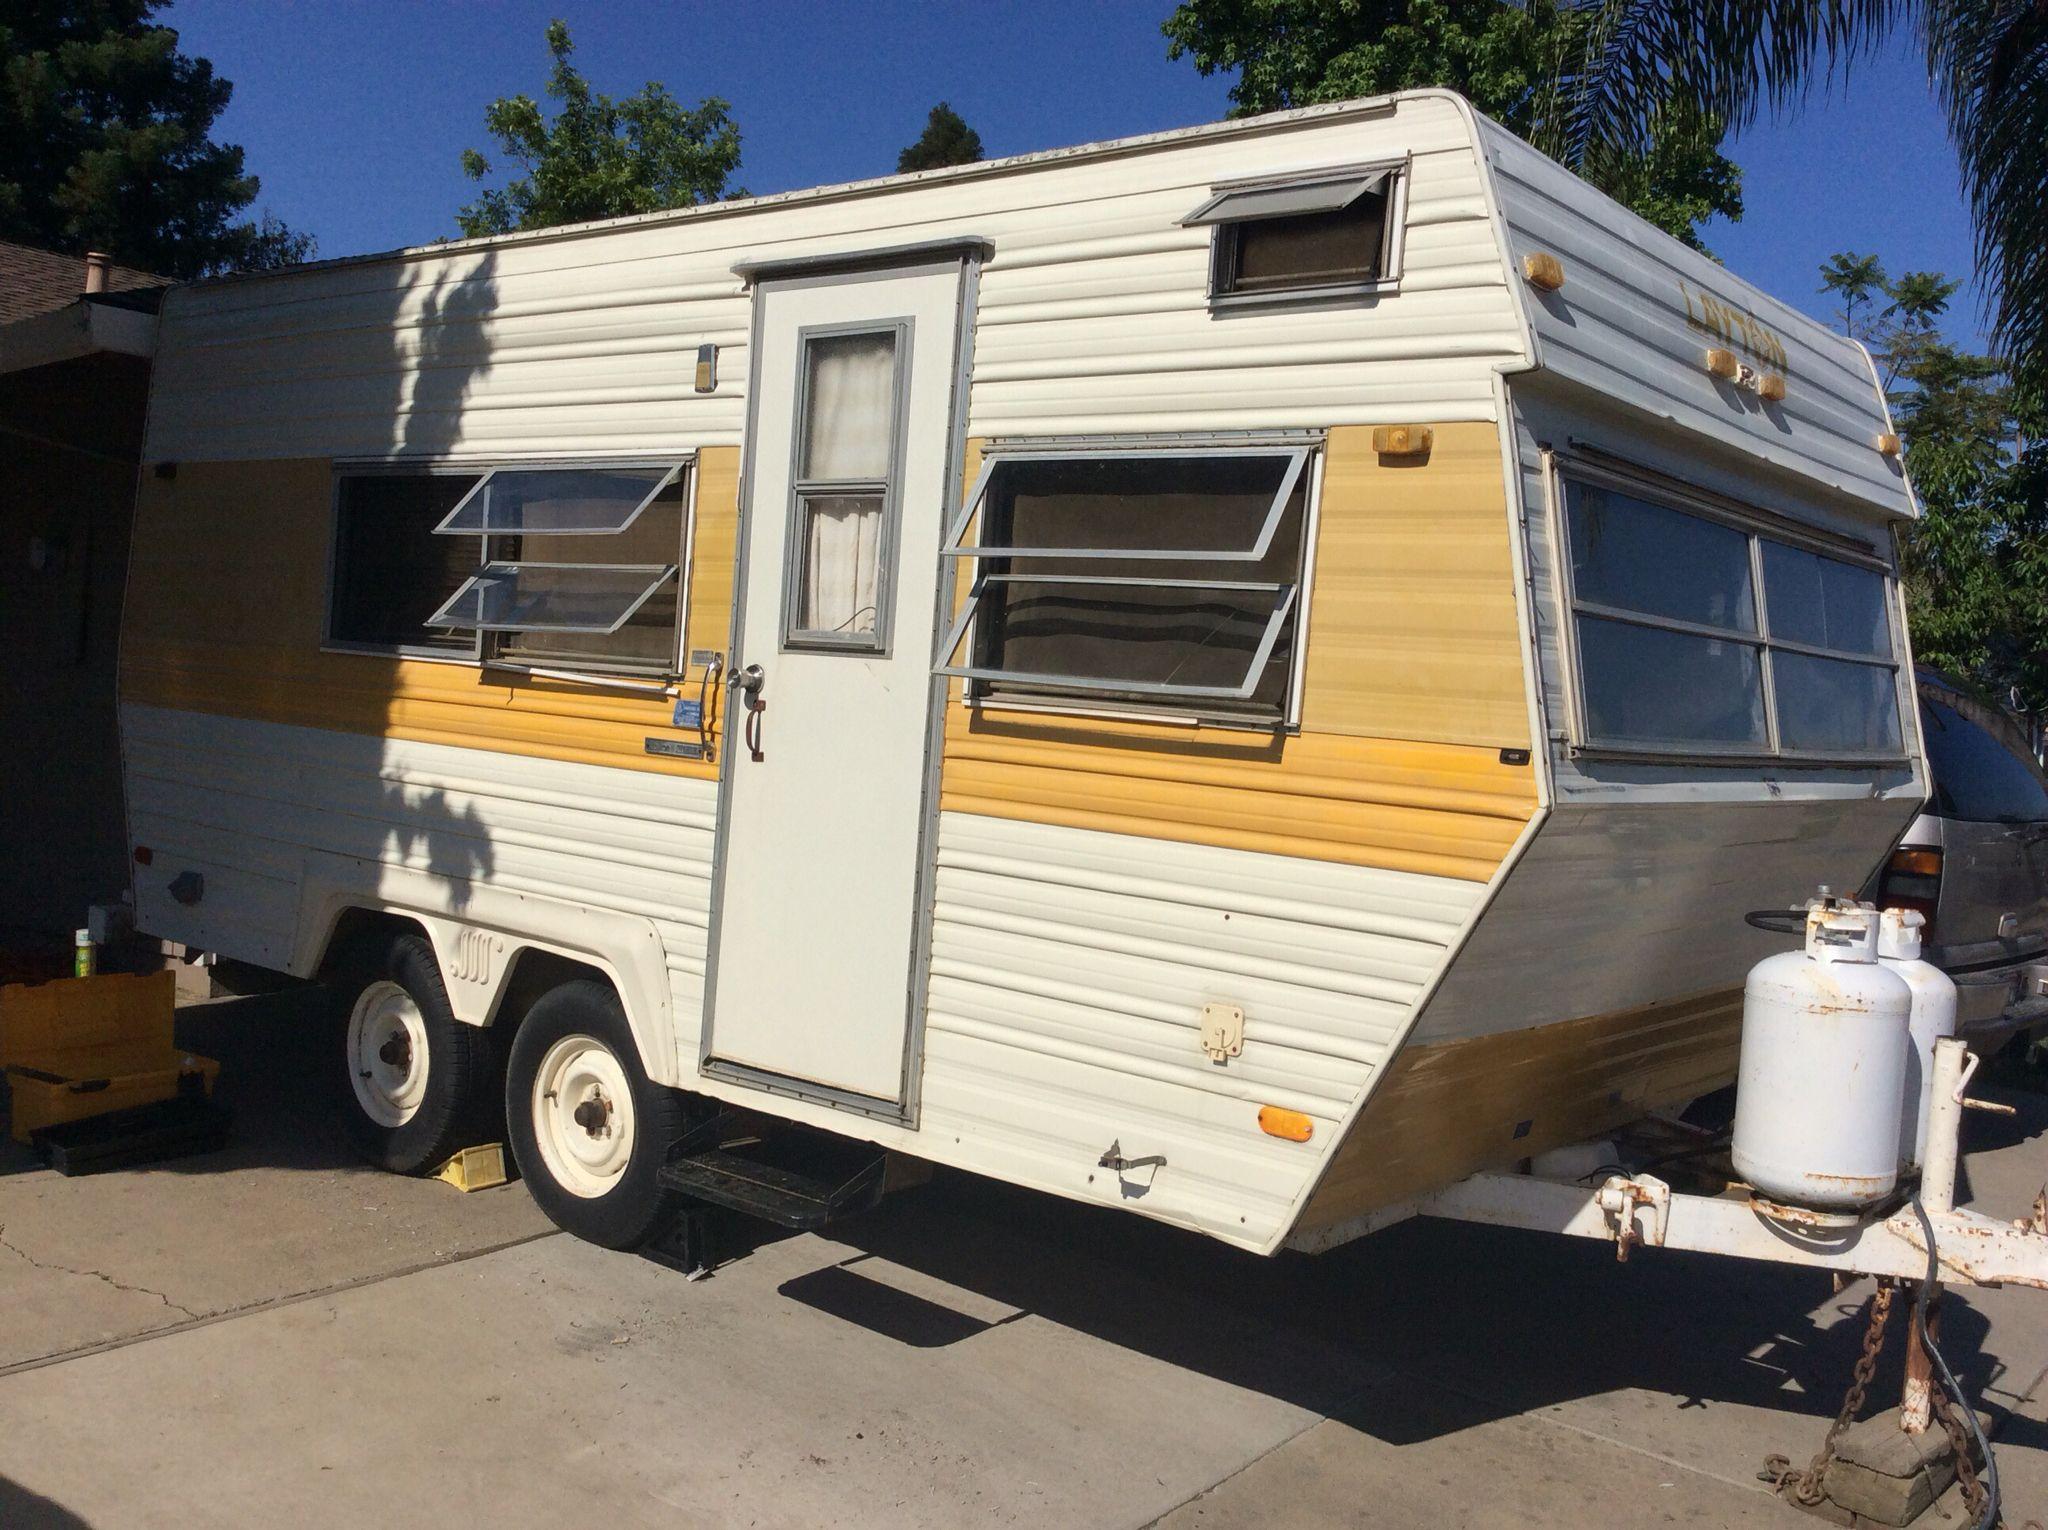 1979 Layton skyline vintage camper